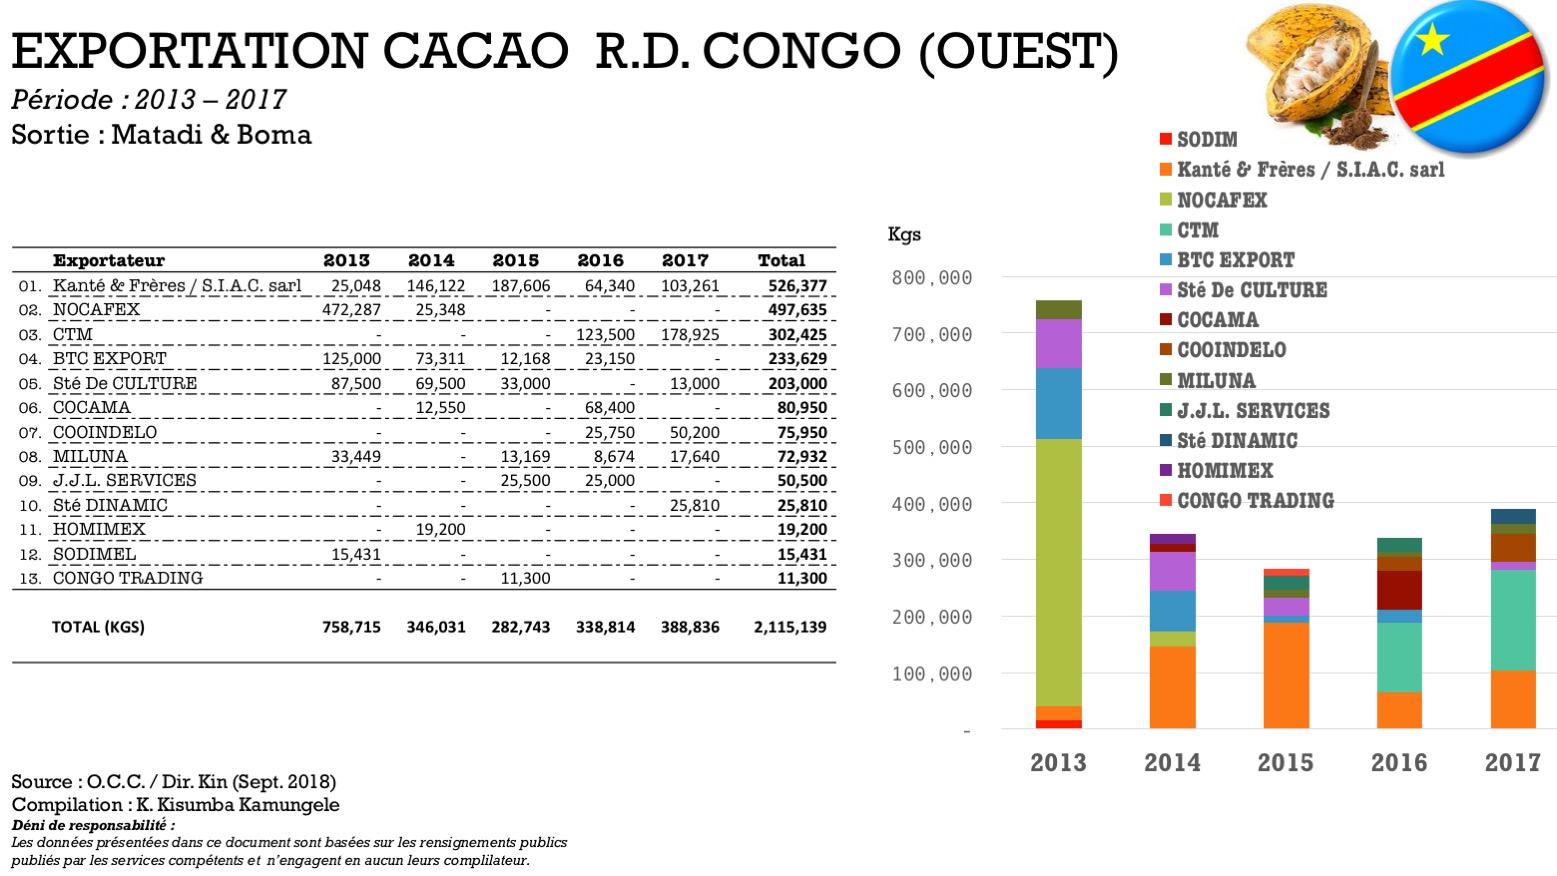 filiere cacao - Artisanat et commerce equitable